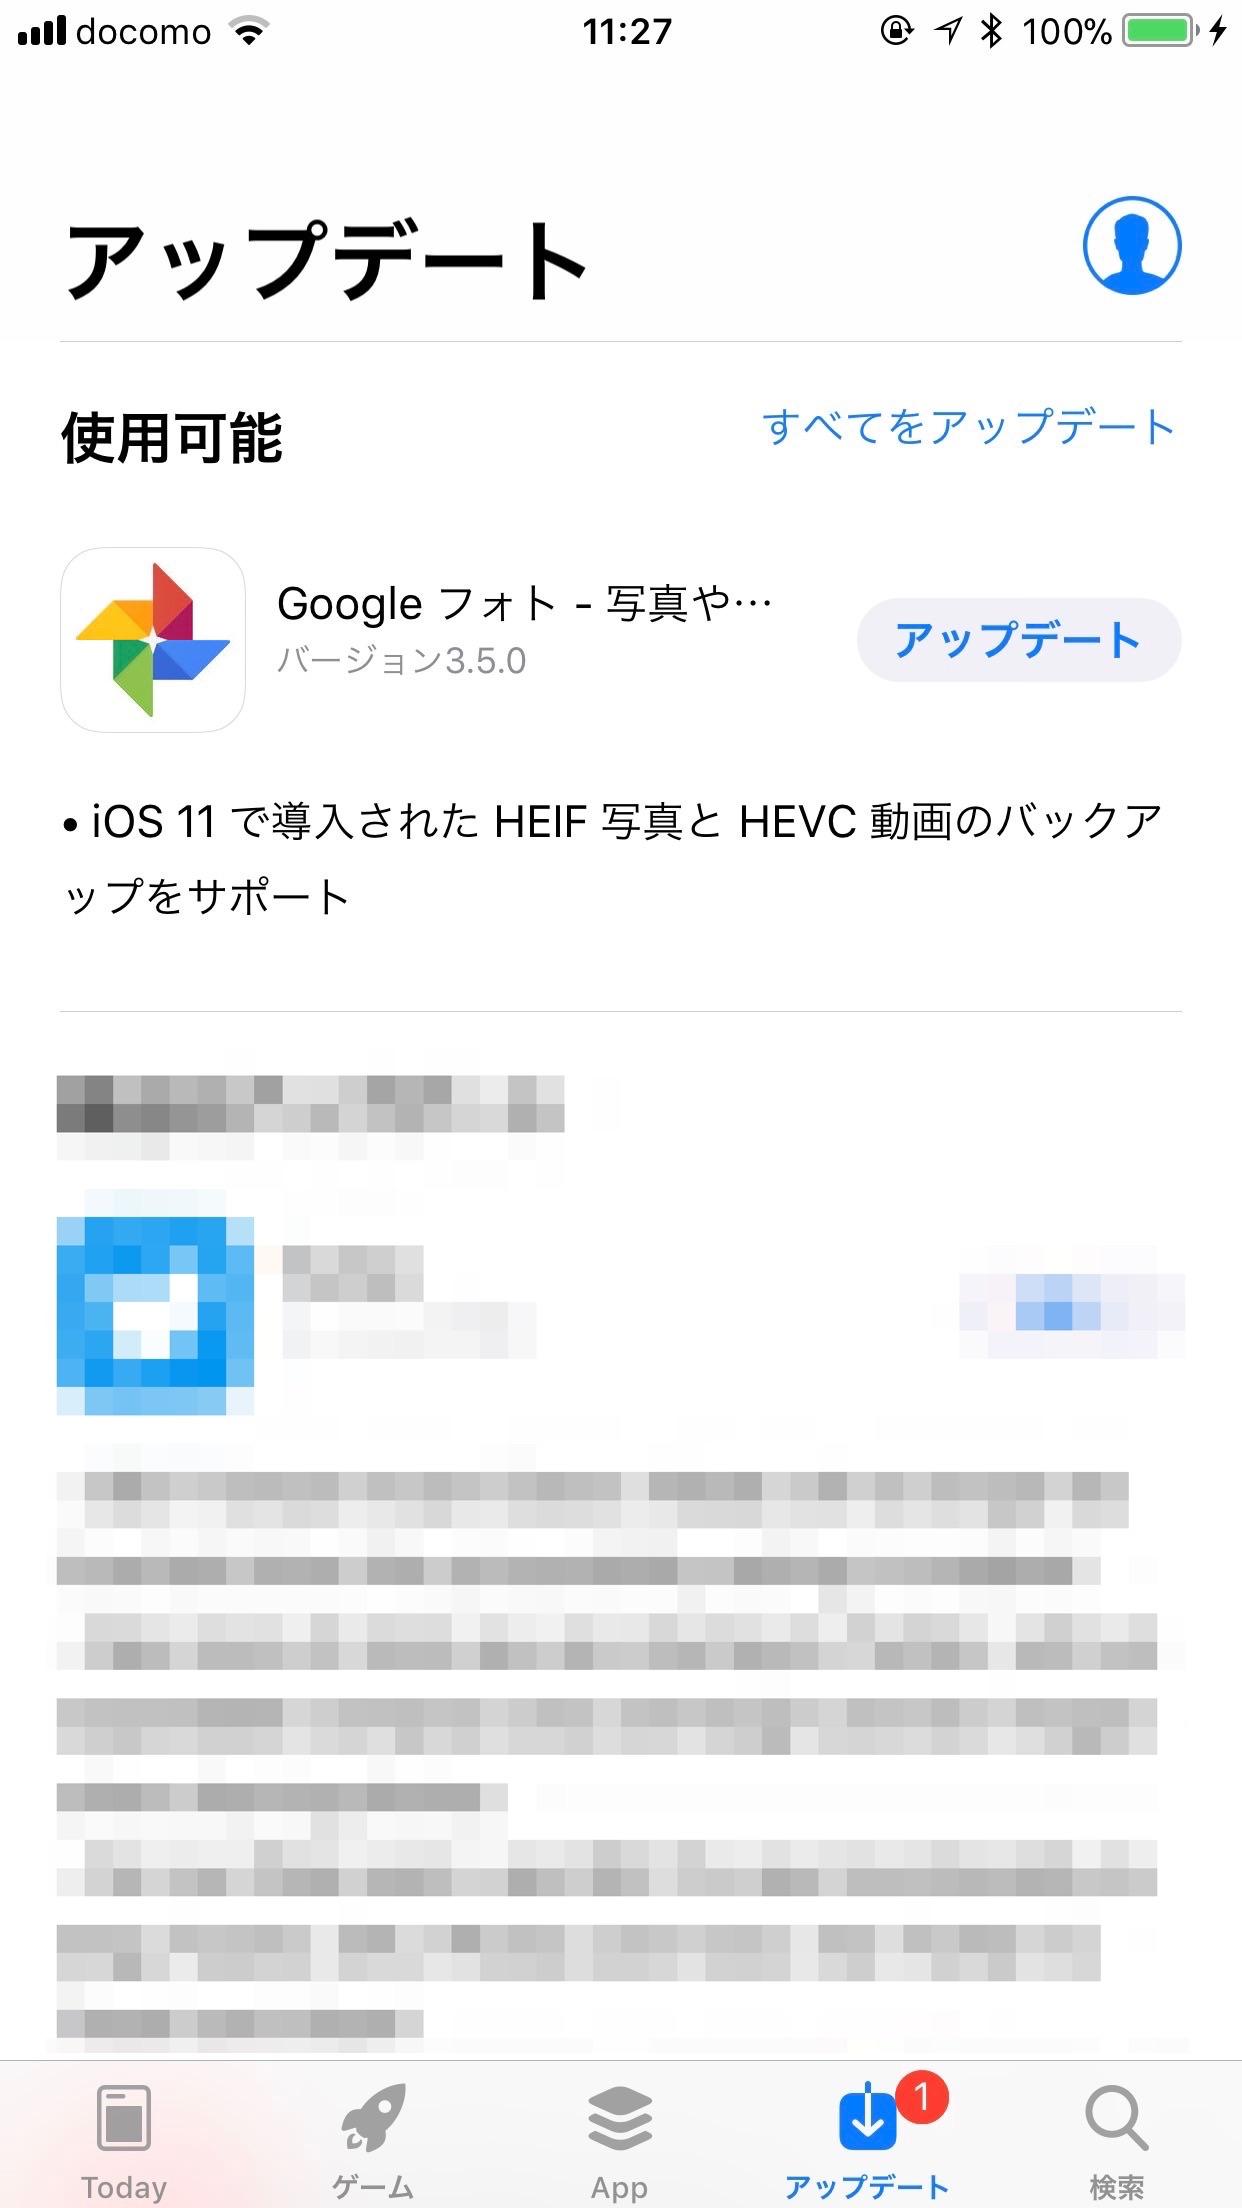 「Googleフォト」アップデートでiOS 11で導入されたHEIF/HEVCのバックアップをサポート